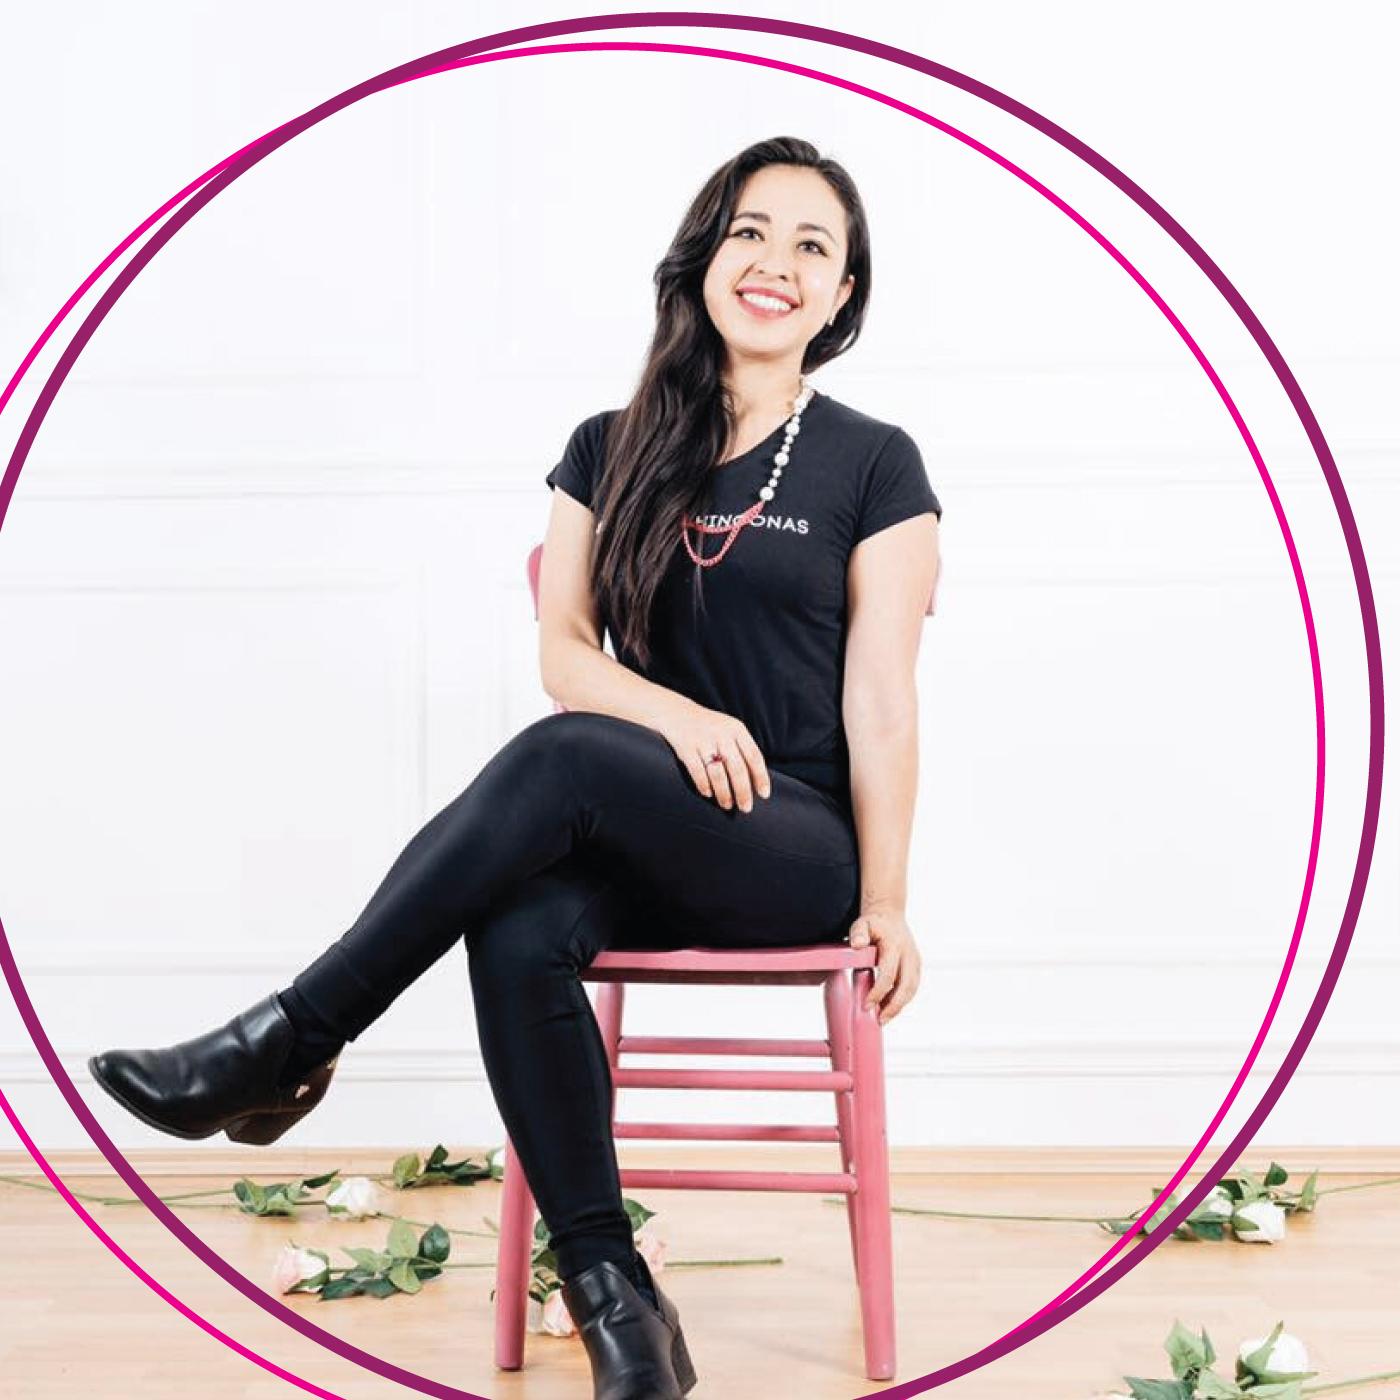 Lilia Ortega